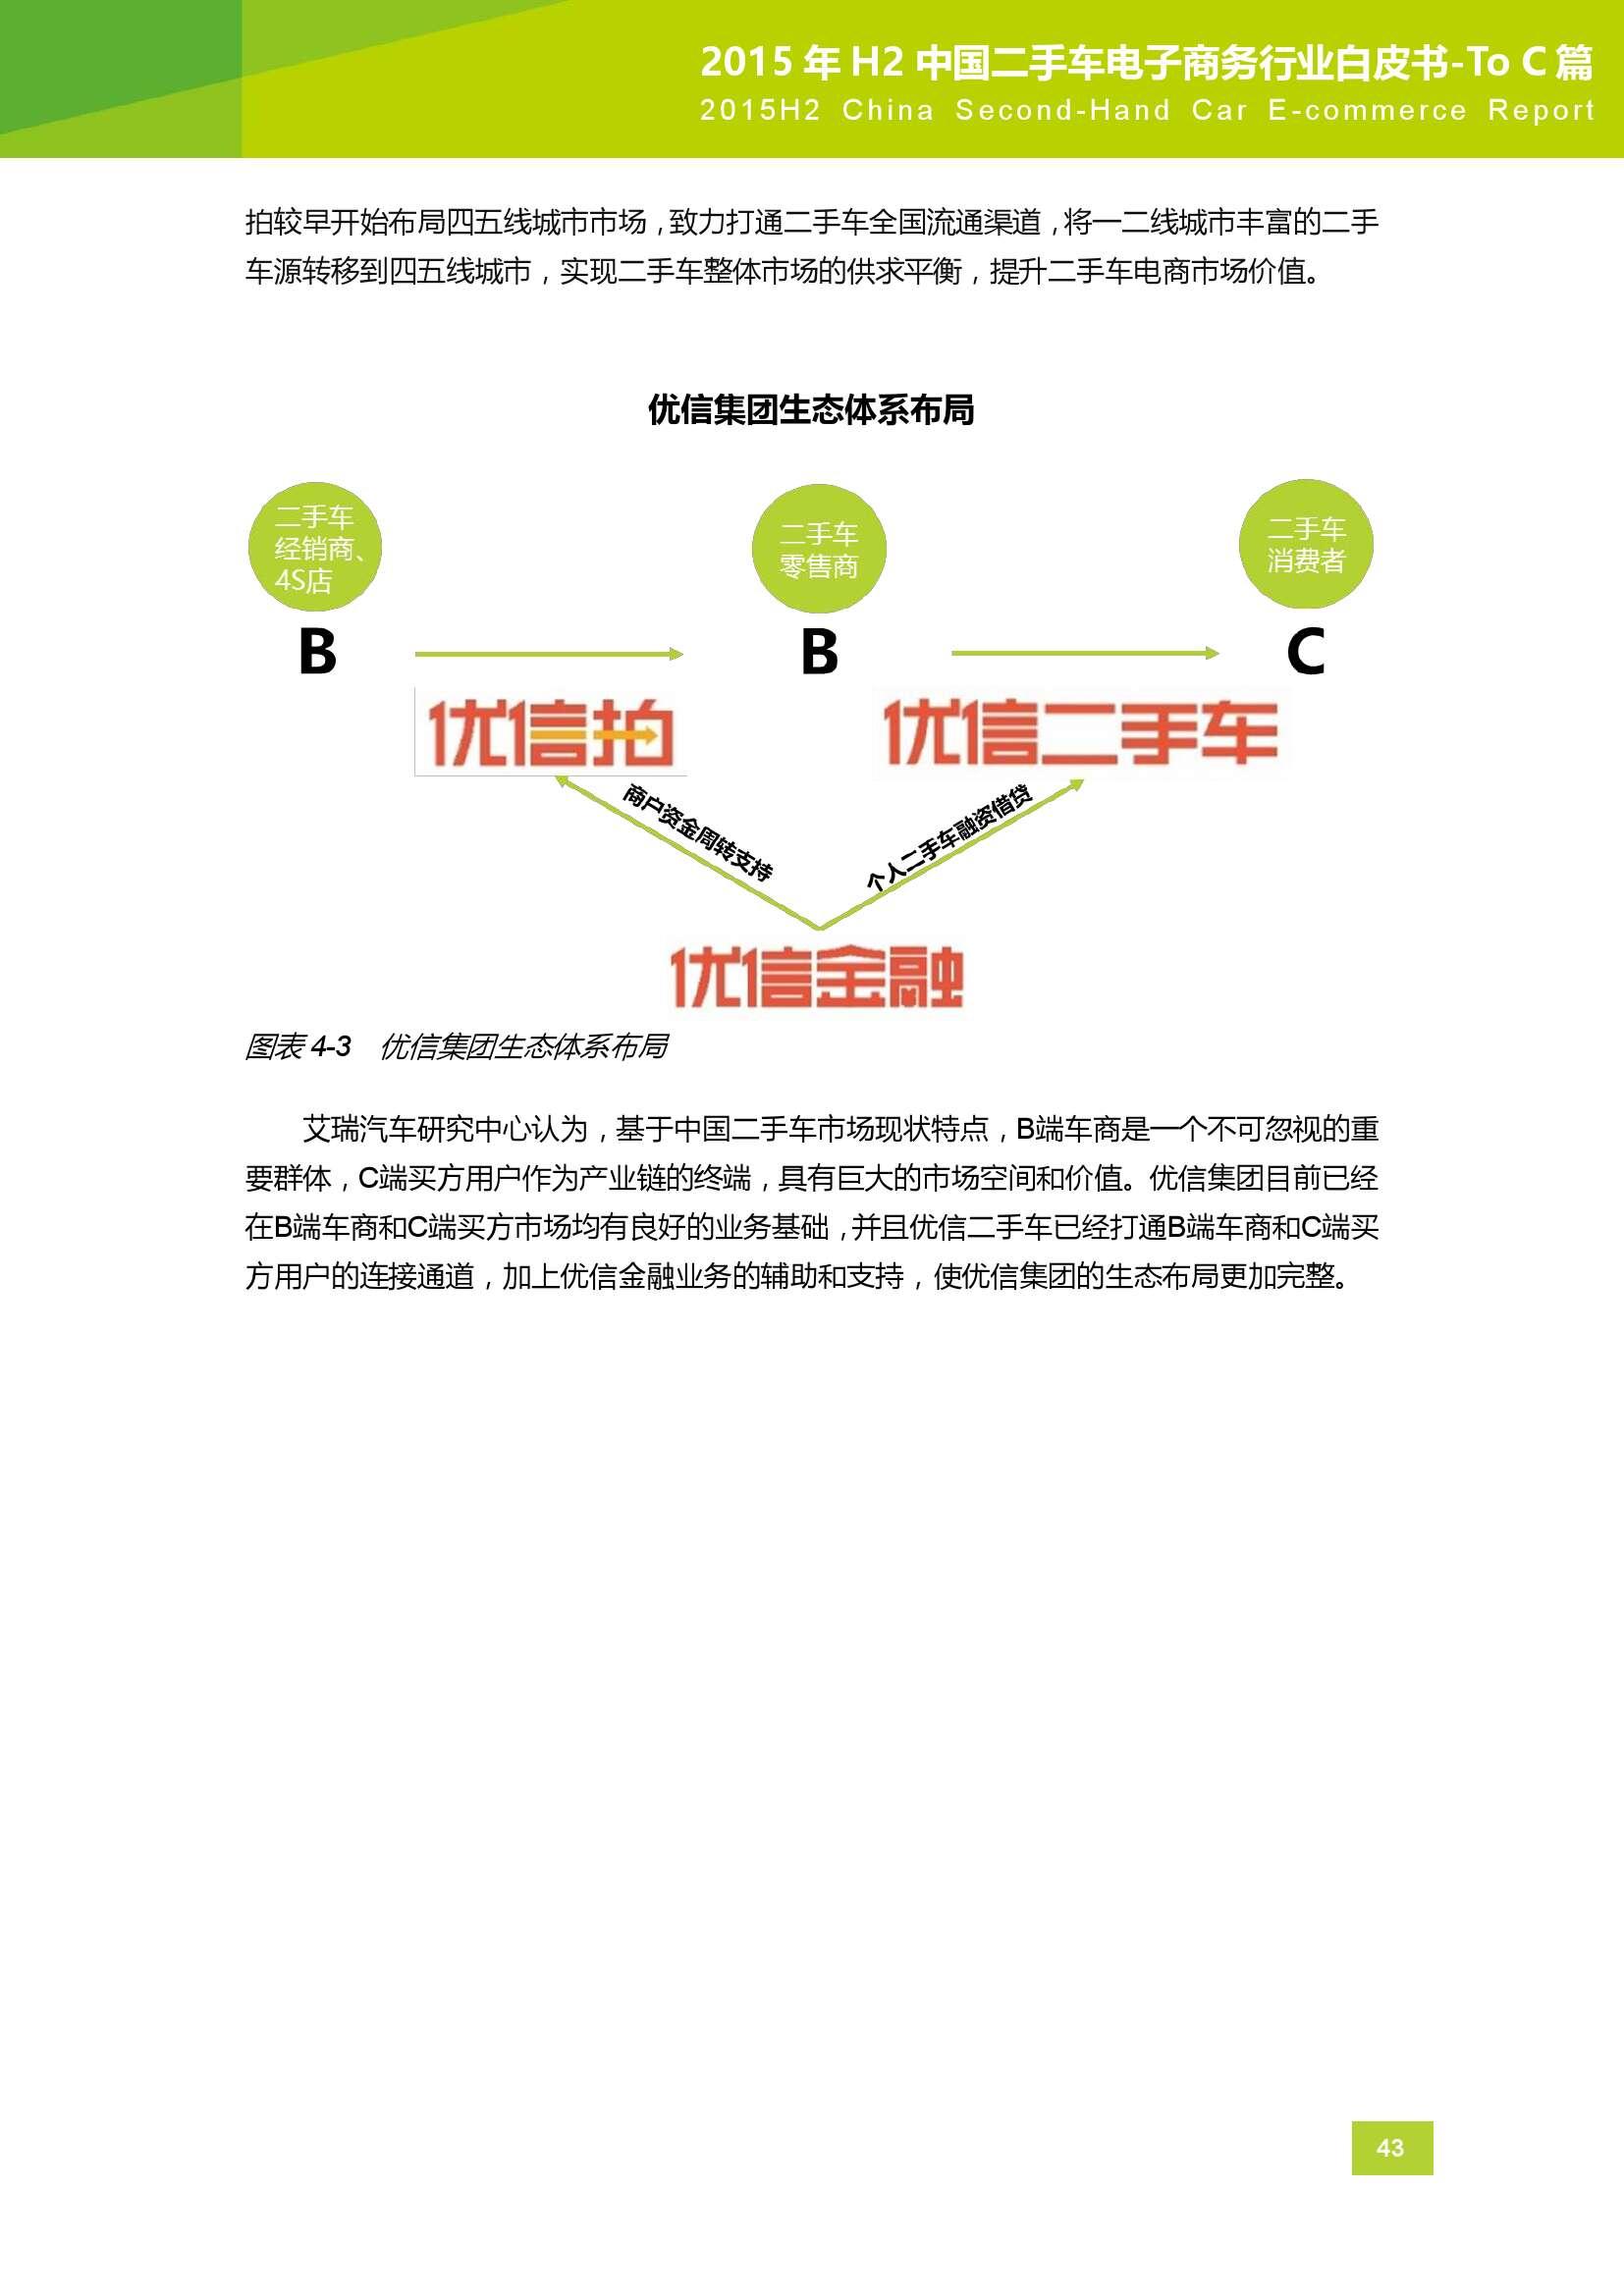 2015年H2中国二手车电子商务行业白皮书_000043